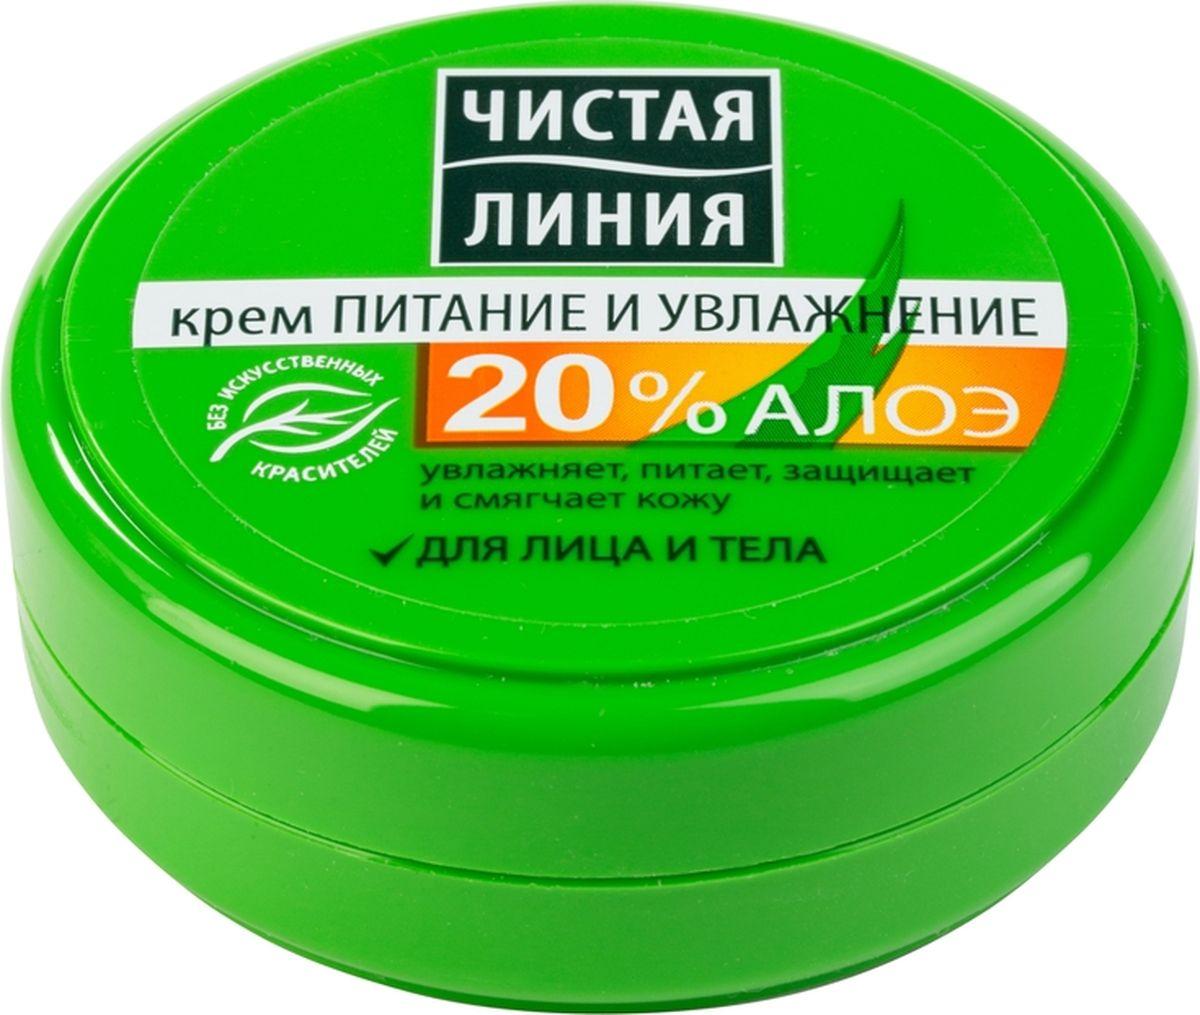 Чистая Линия крем для лица и тела Питание и увлажнение, 50 мл чистая линия крем для тела фитобаня 400 мл